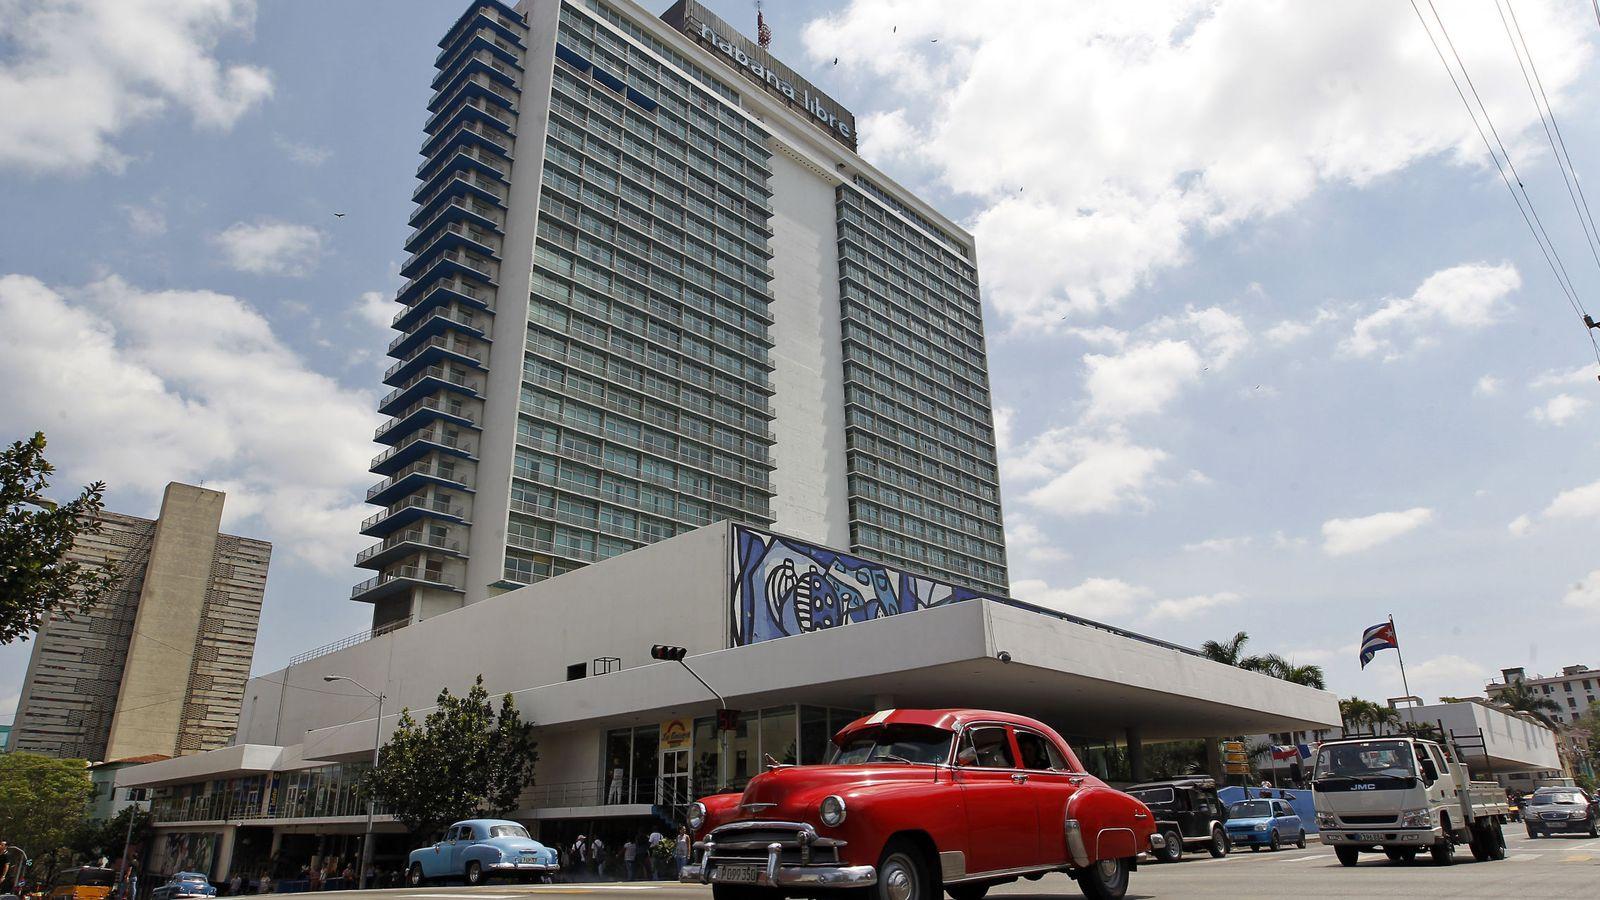 Foto: El hotel Habana Libre, expropiado a la cadena Hilton tras la revolución, administrado por la cadena Sol Meliá desde 1996. (EFE)